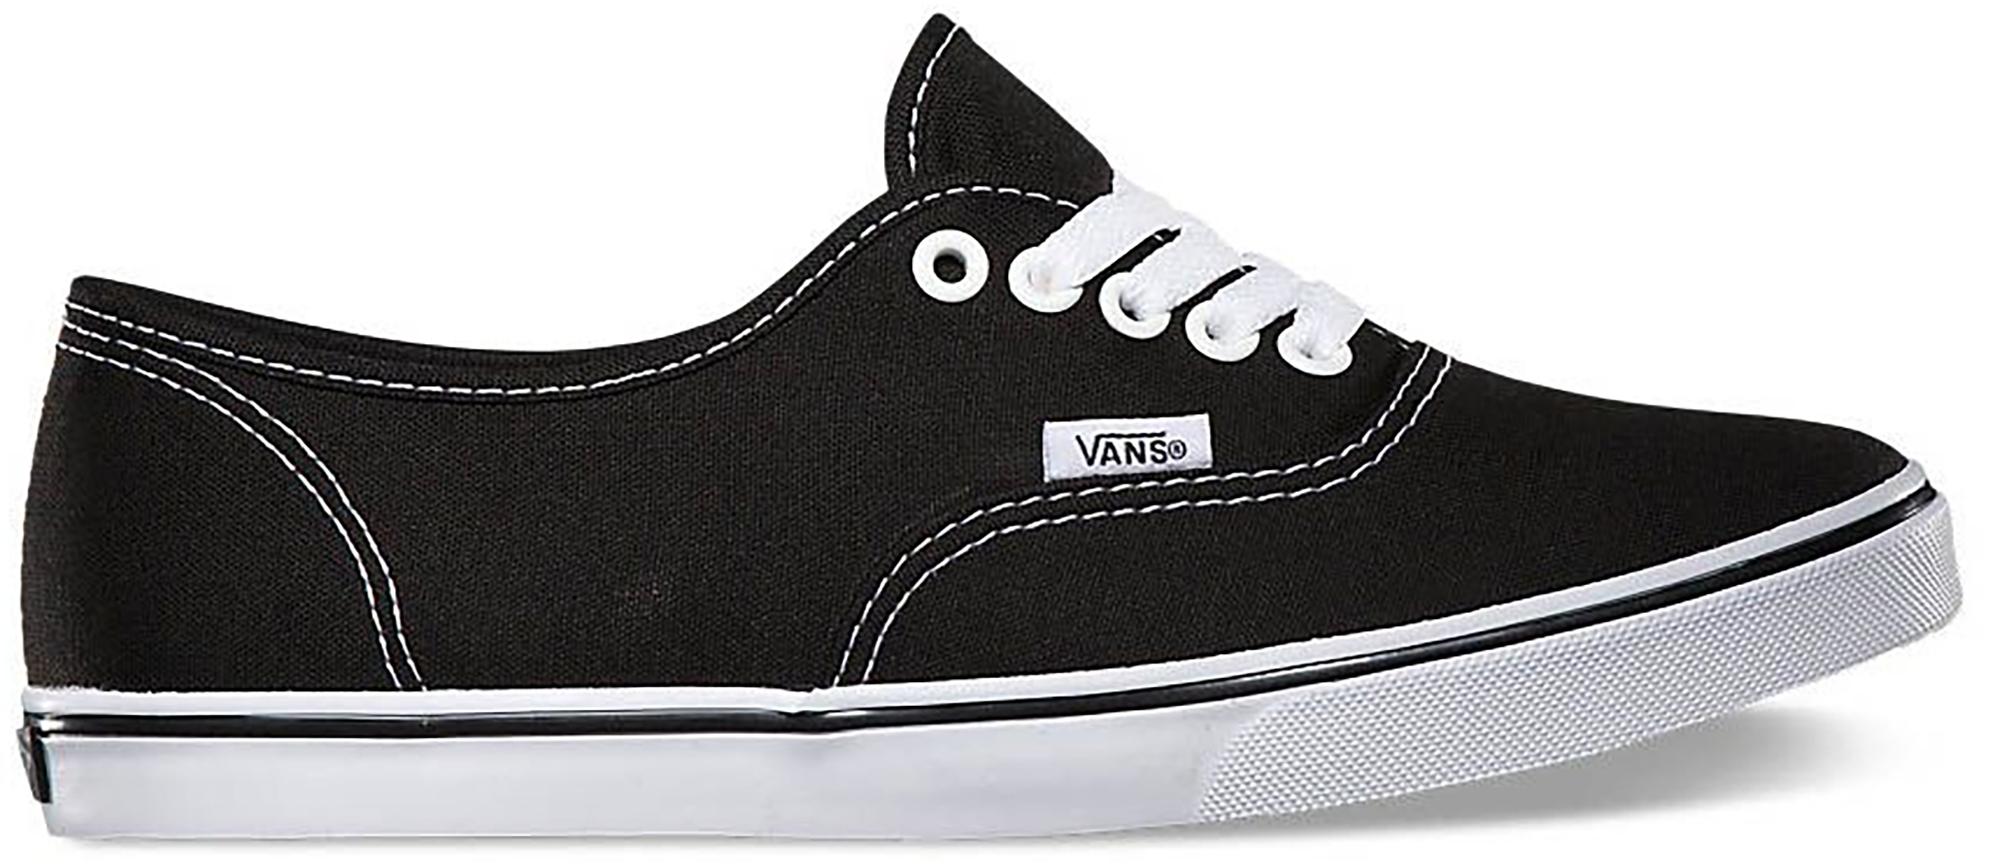 Vans Authentic Lo Pro Black White